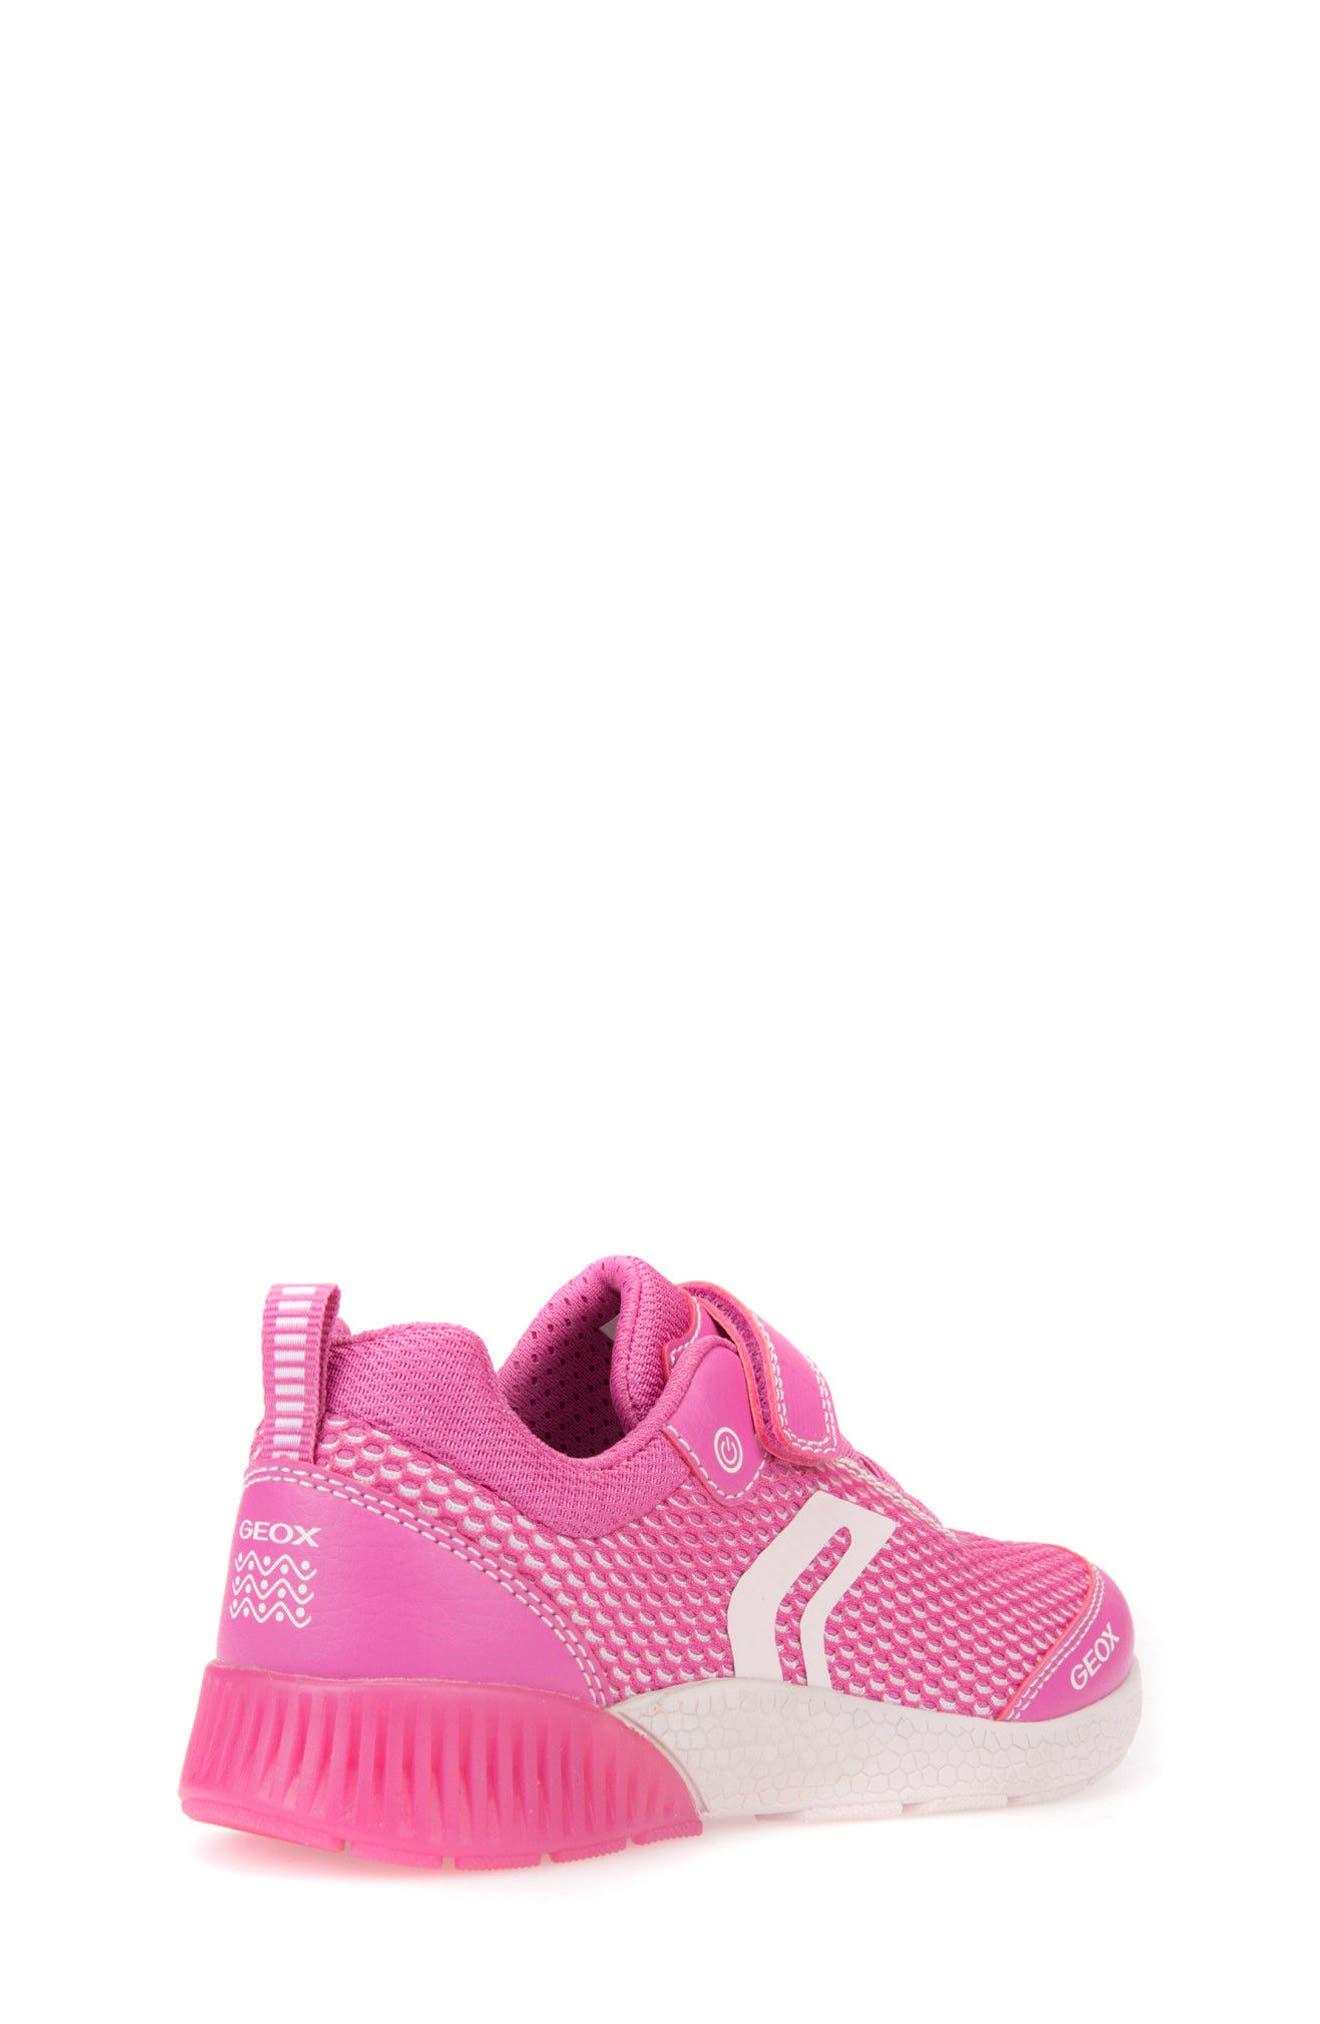 Sveth Light-Up Sneaker,                             Alternate thumbnail 2, color,                             Fuchsia